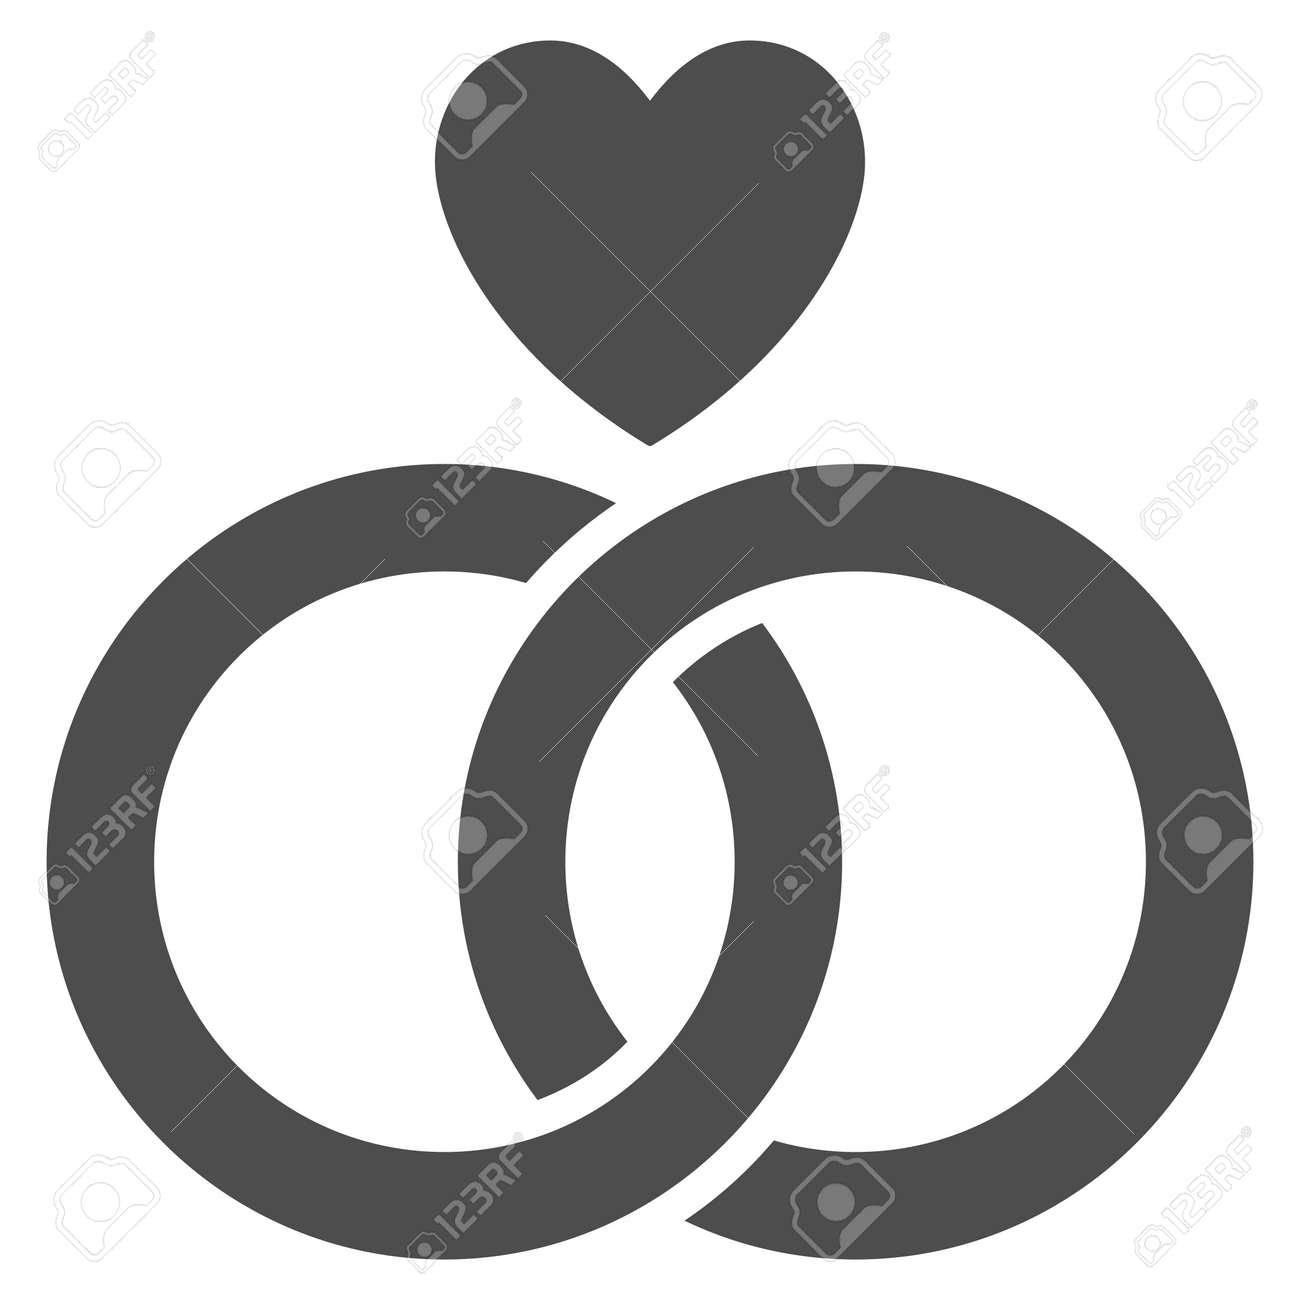 Hochzeit Ringe Mit Herz Vektor Symbol Flaches Graues Symbol